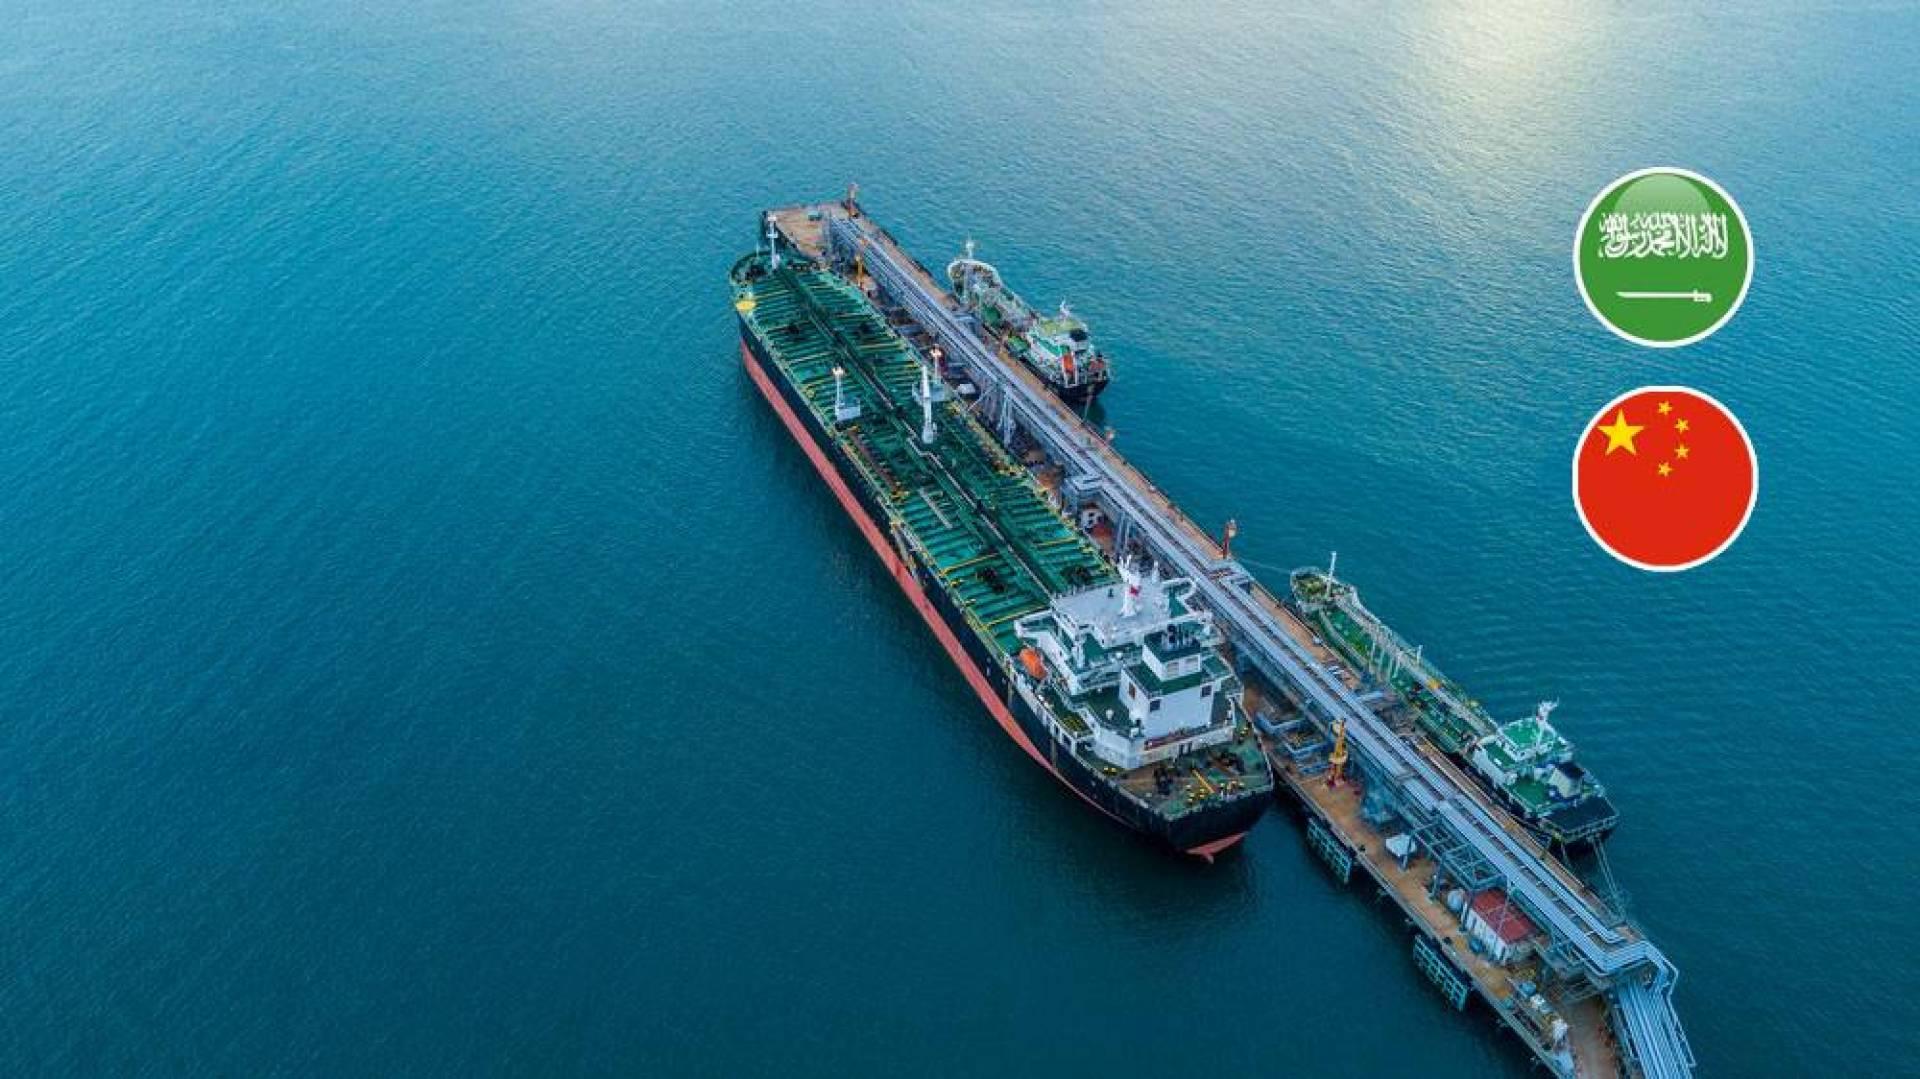 السعودية تتصدر موردي النفط للصين في يونيو الماضي